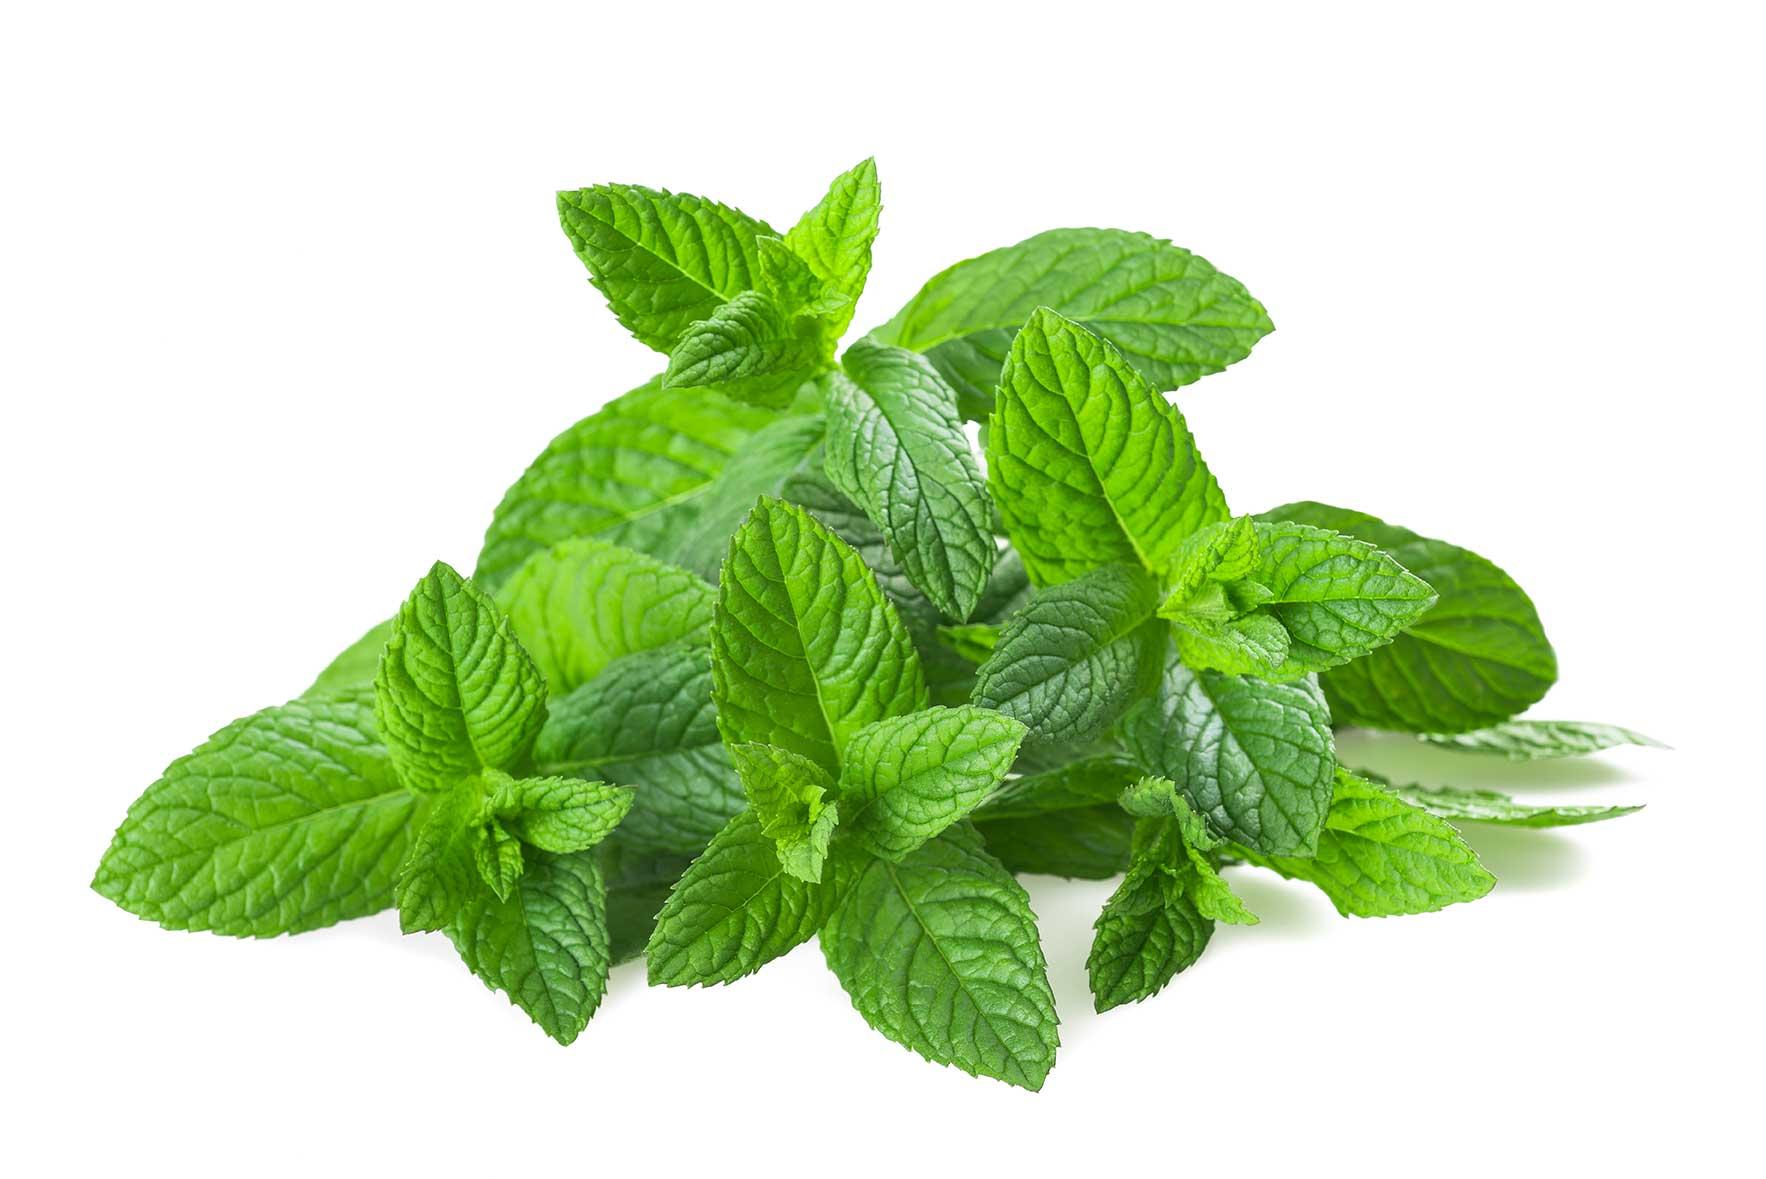 Baños Plantas Medicinales Para El Asma: de 5 plantas medicinales más comúnes – La Huertina De Toni